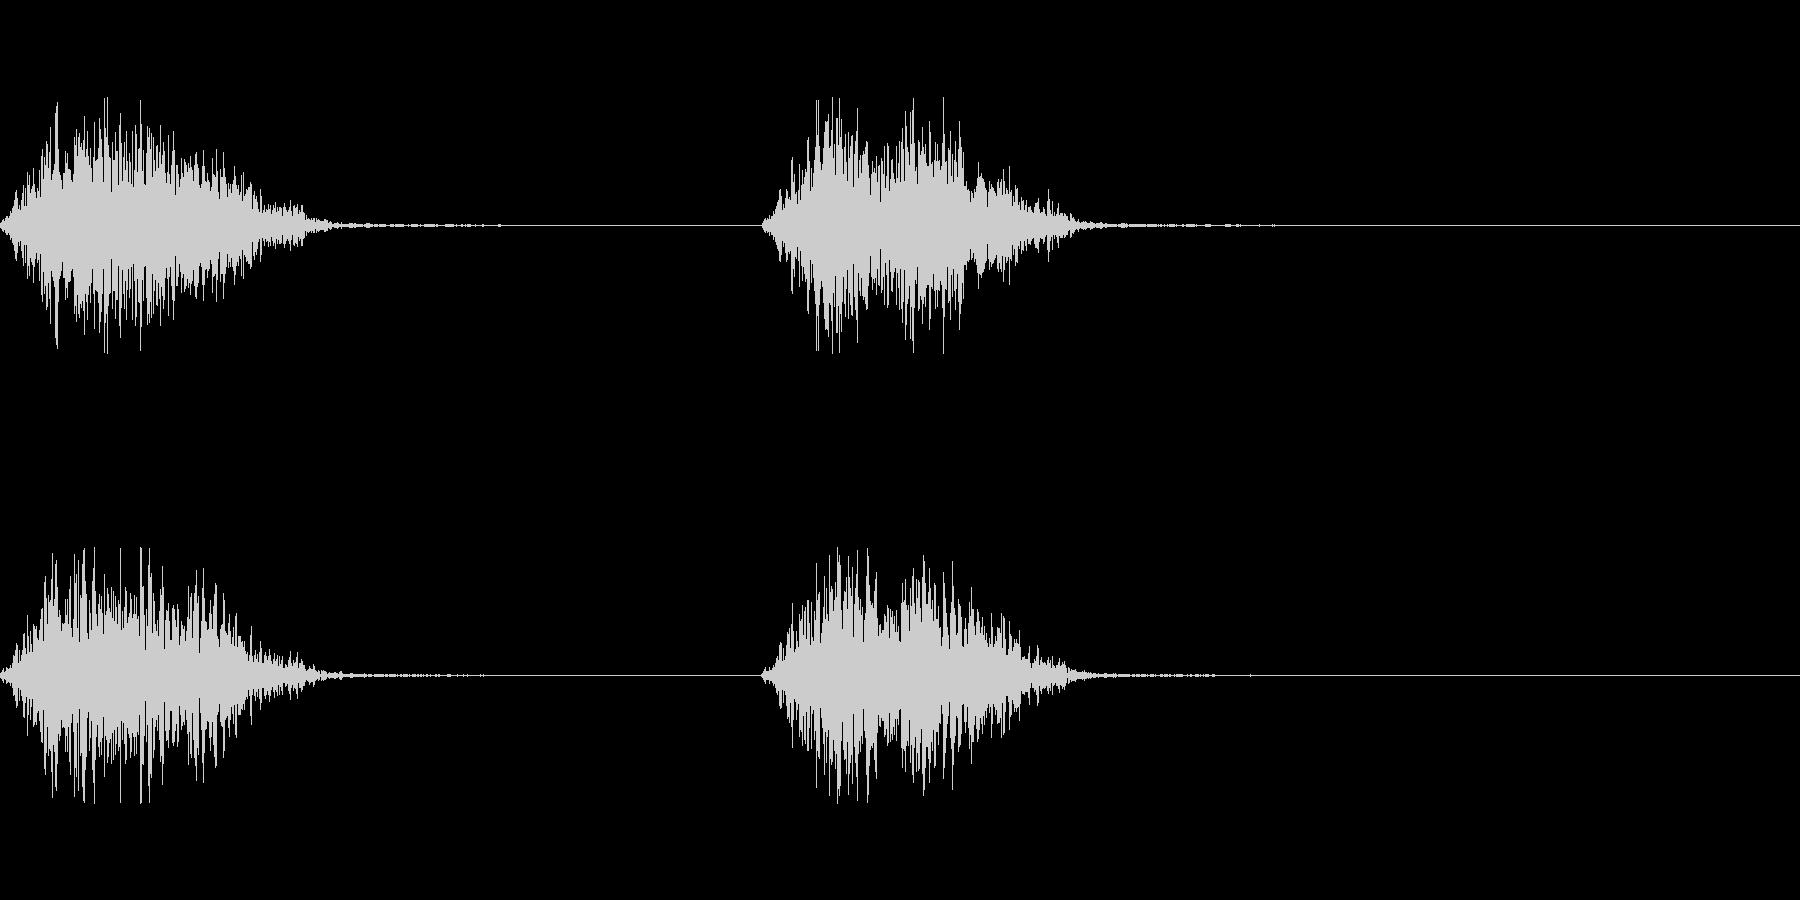 モンスターの足音 3の未再生の波形